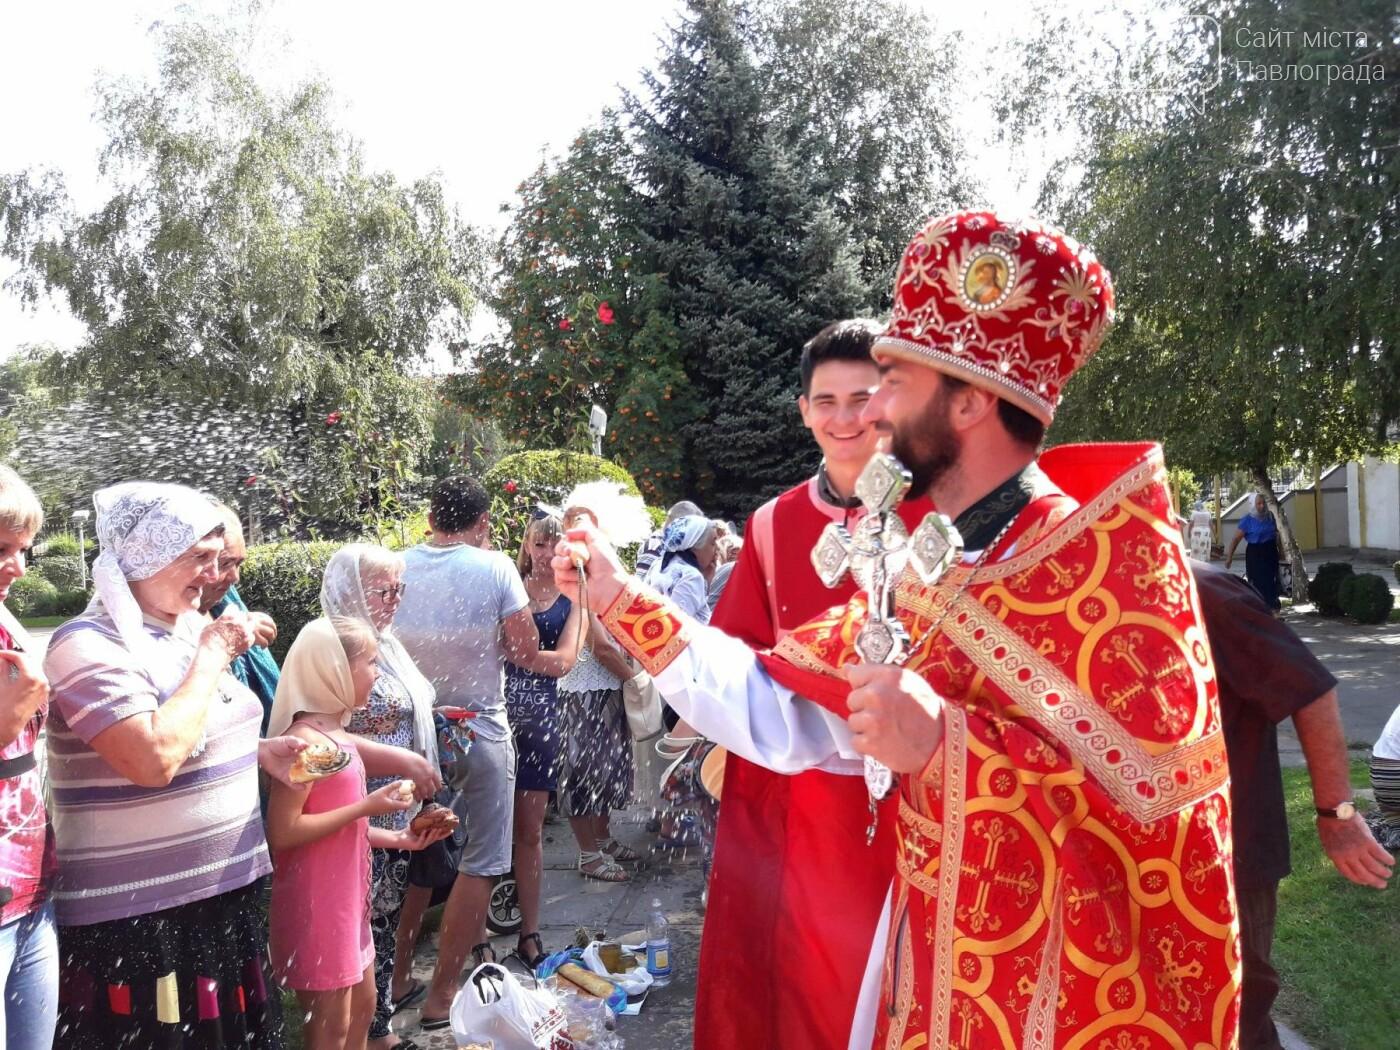 Павлоградцы отпраздновали Медовый Спас, фото-1